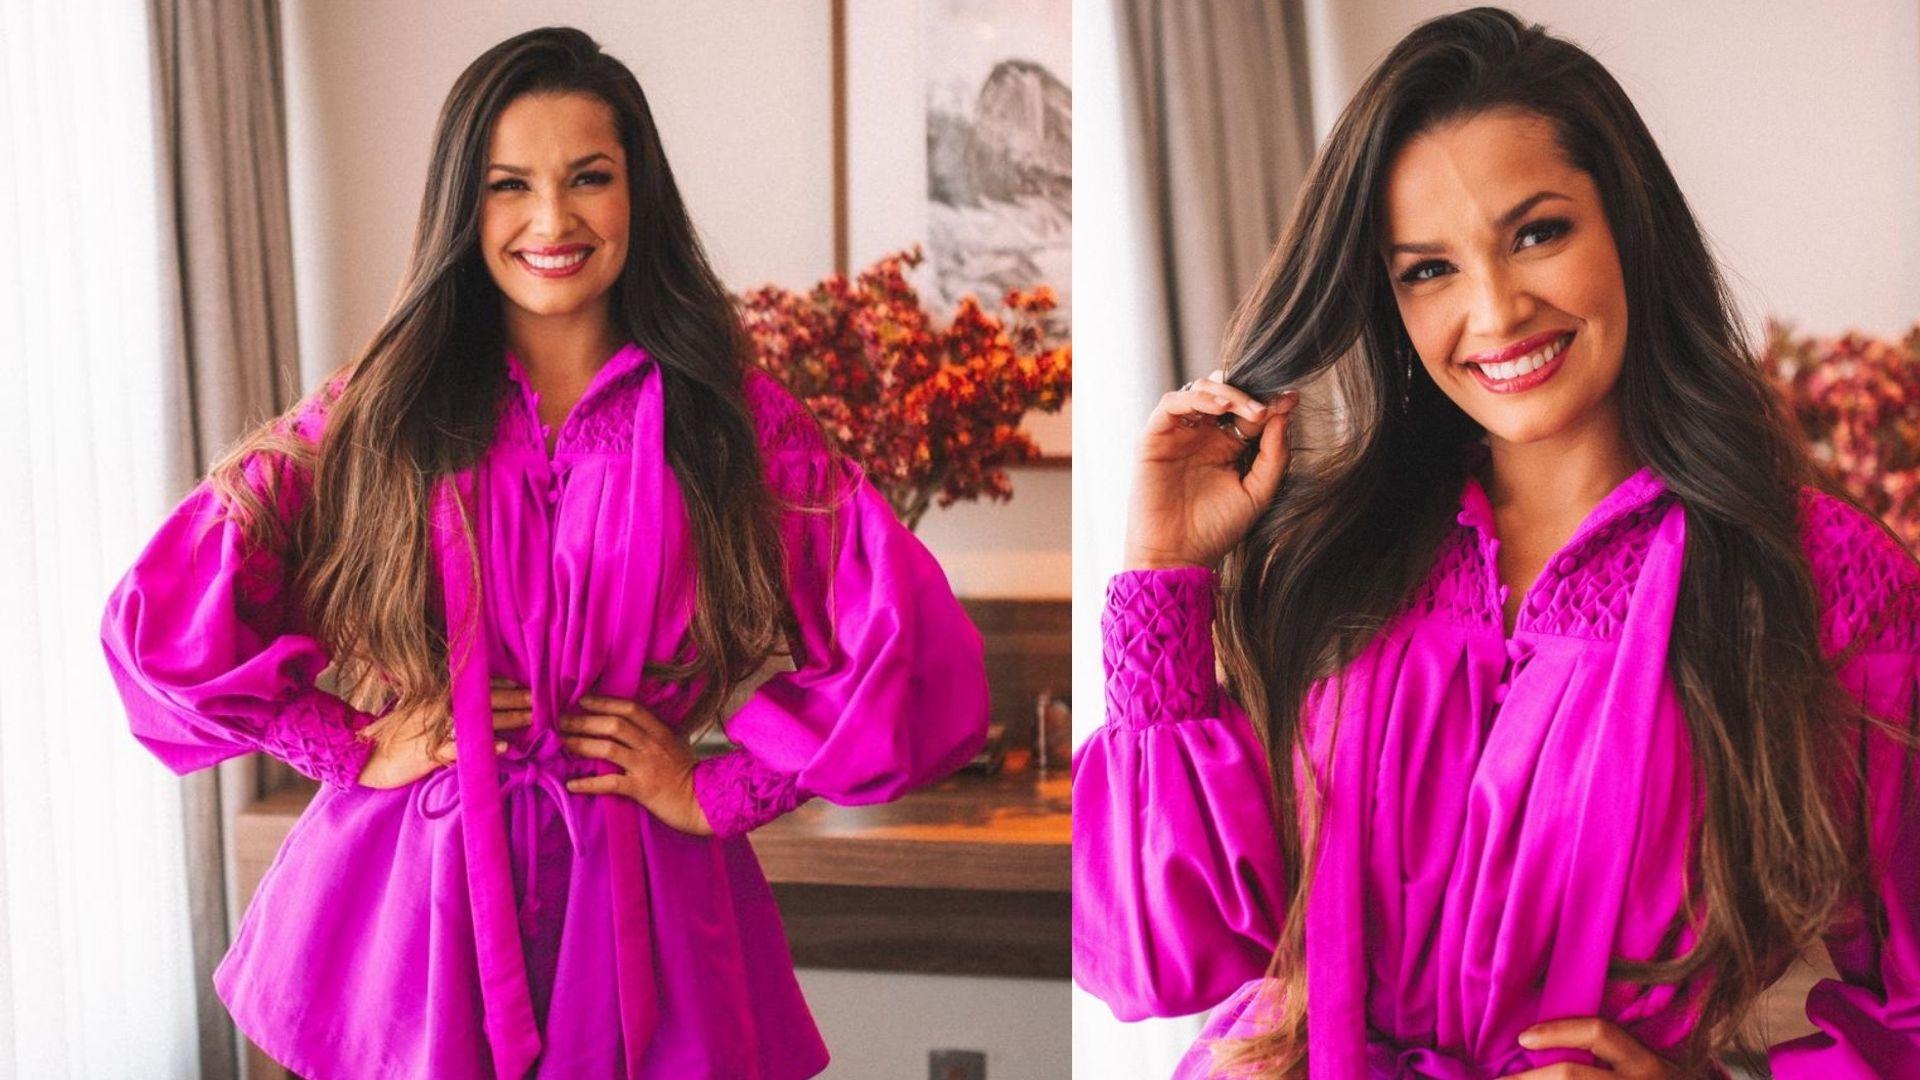 Juliette usou conjunto pink de camisa e shorts com mangas bufantes da coleção ELA da marca Amarante Brand.